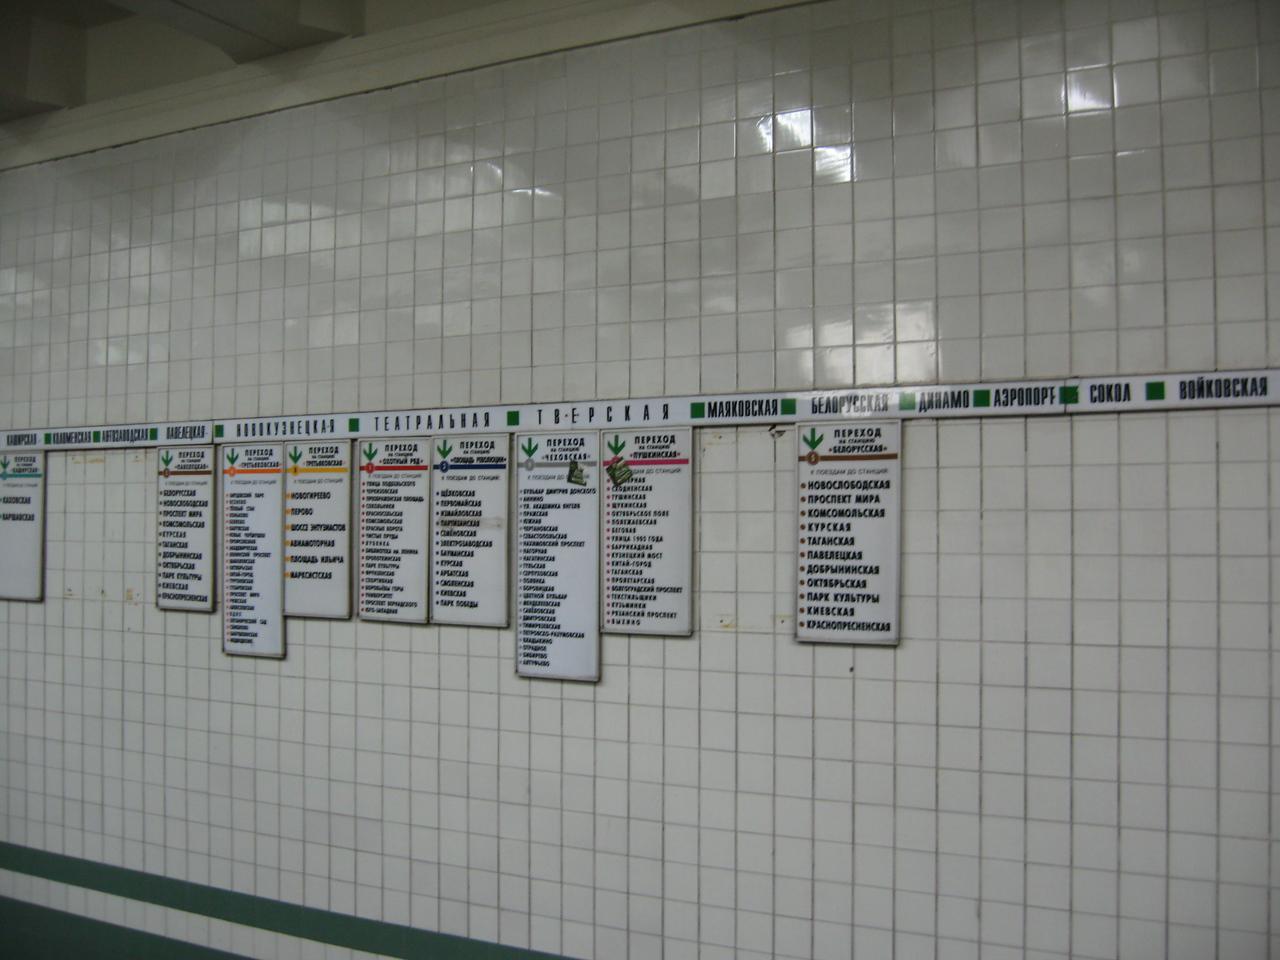 System Map in Rechnoy Vokzal metro station.